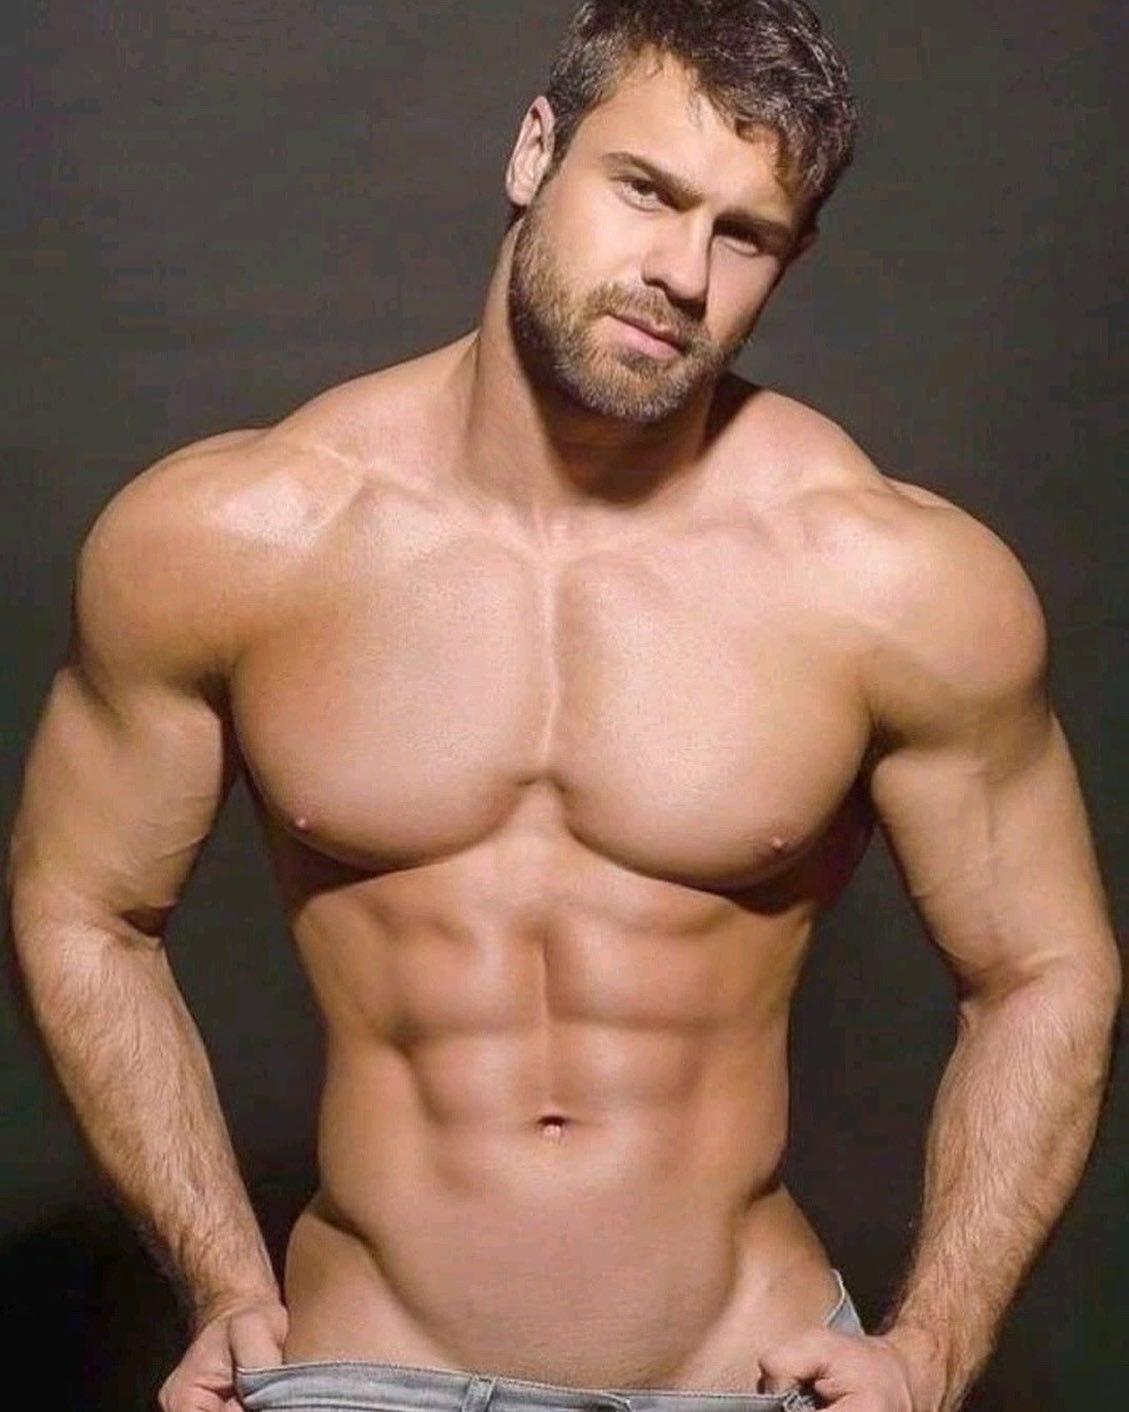 #men #hunks #vline #muscle #sixpack